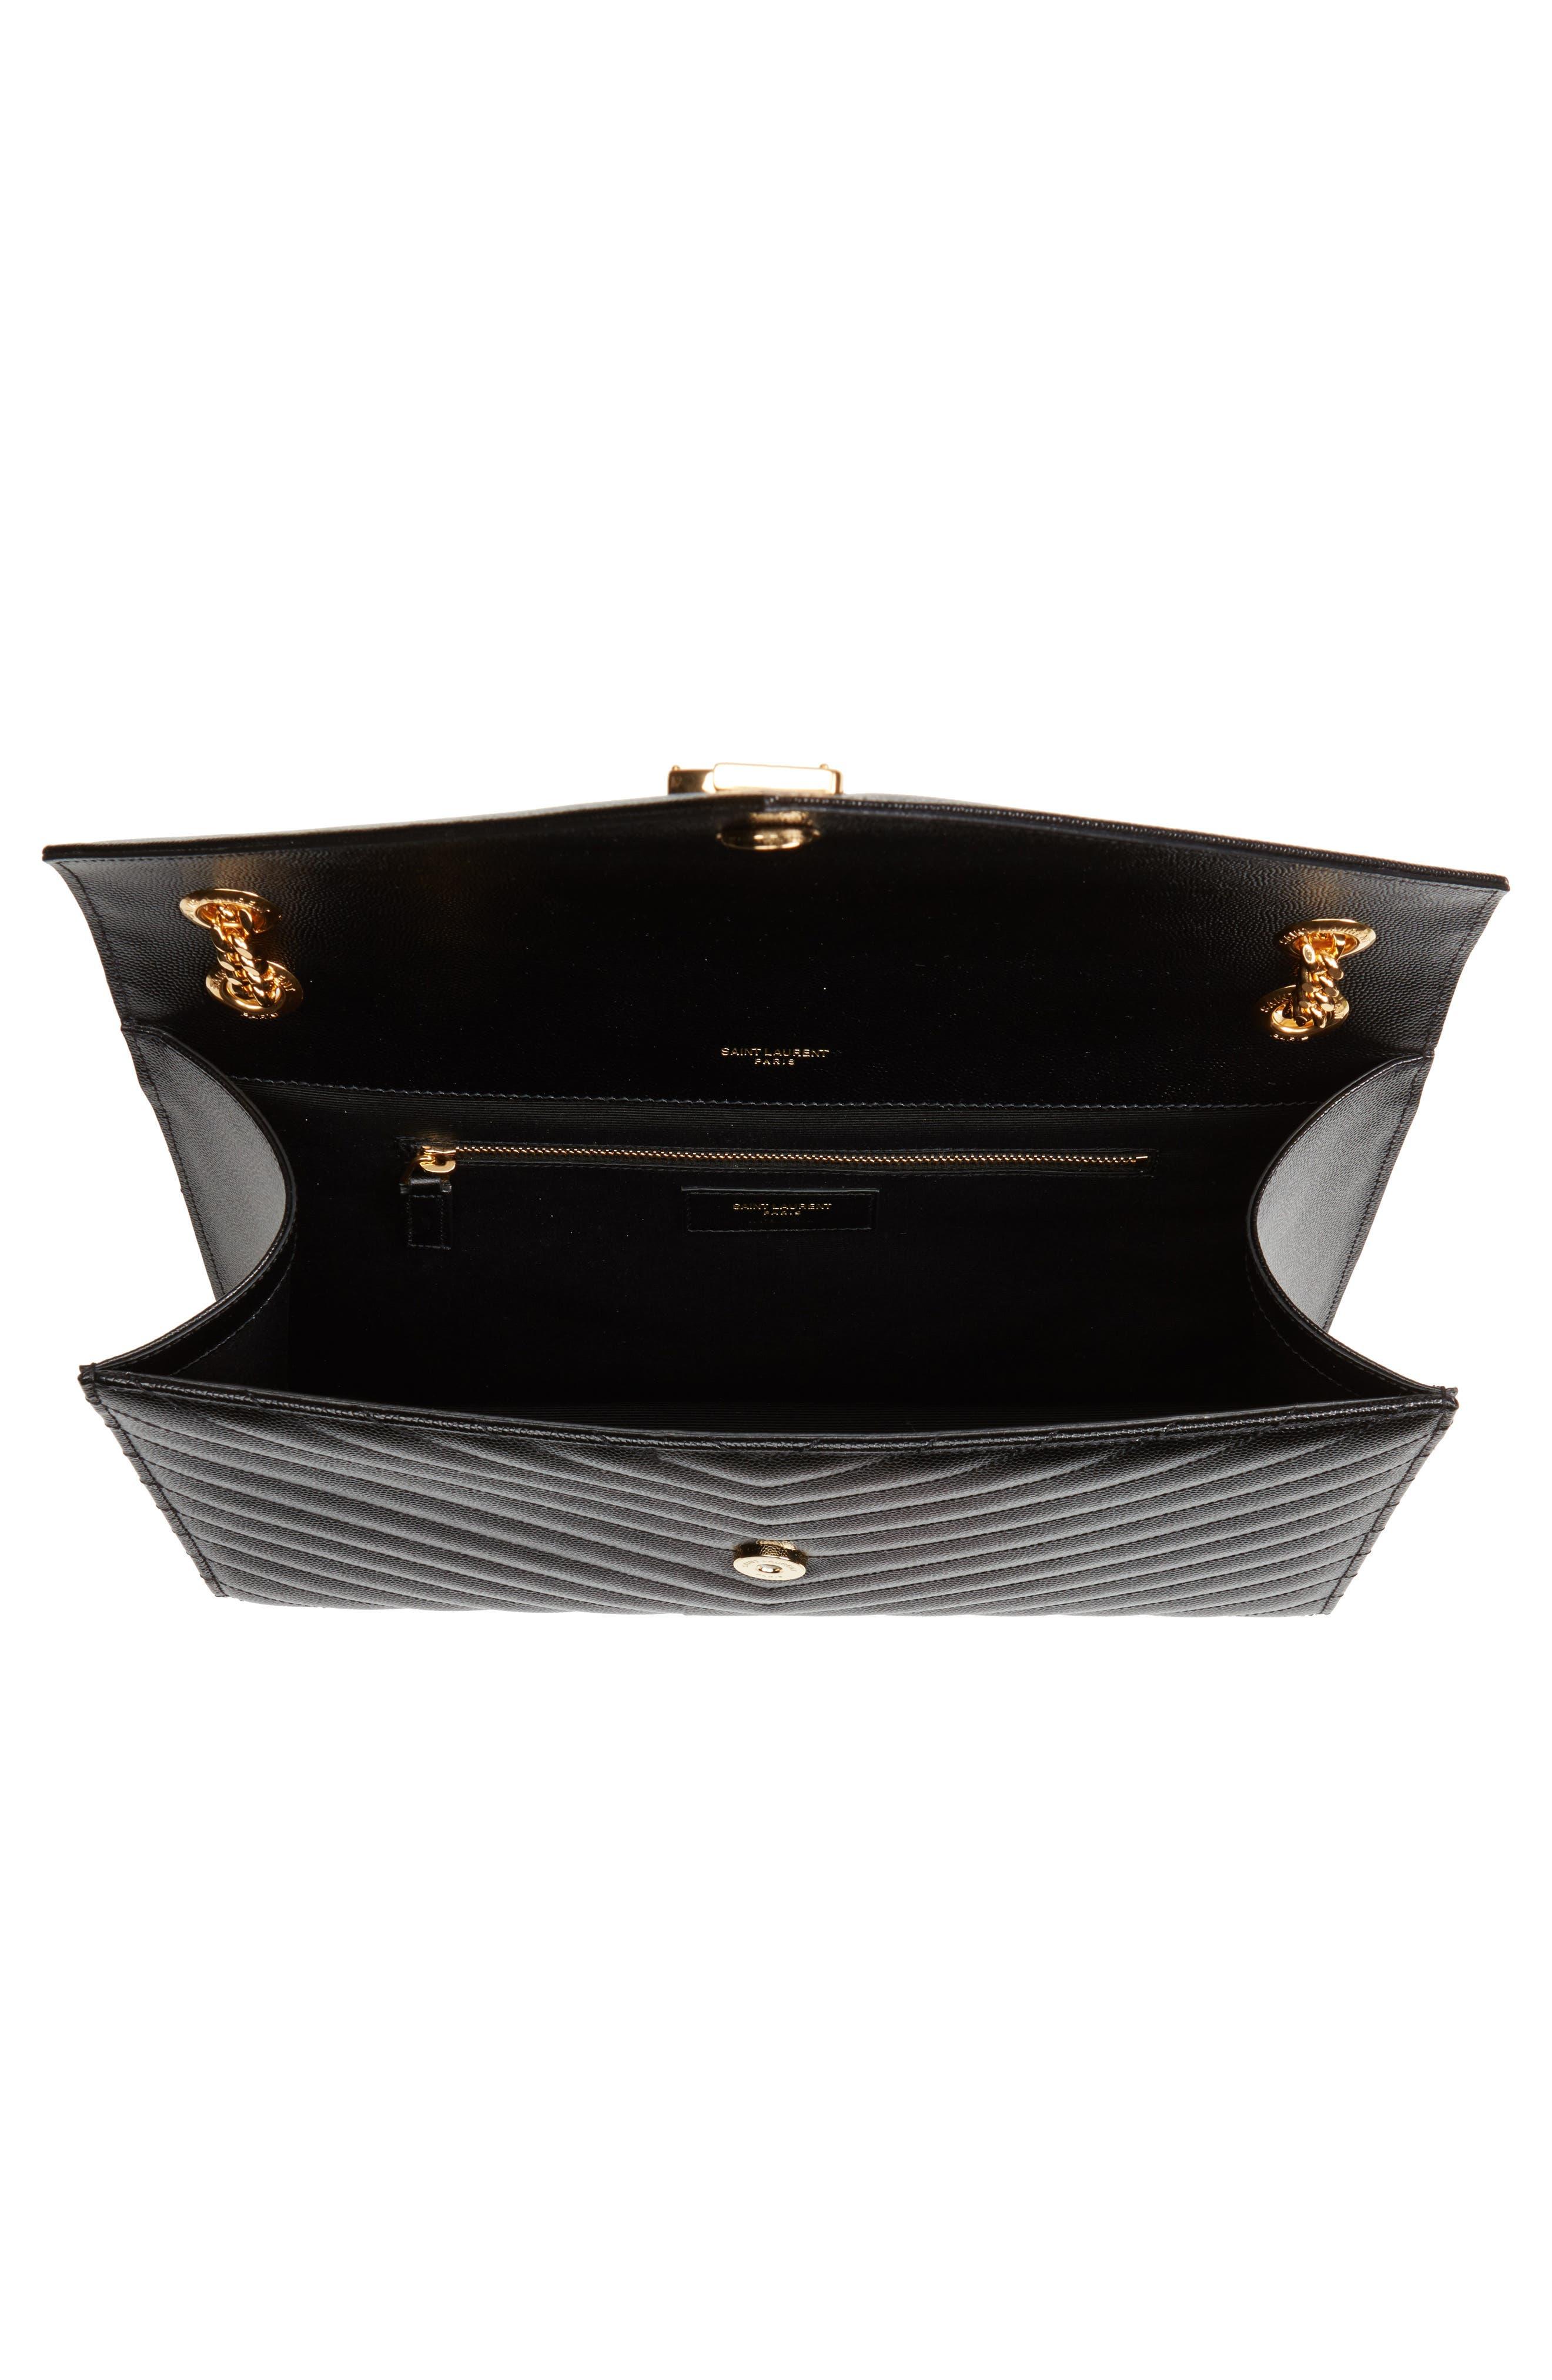 Medium Grained Matelassé Quilted Leather Shoulder Bag,                             Alternate thumbnail 4, color,                             Noir